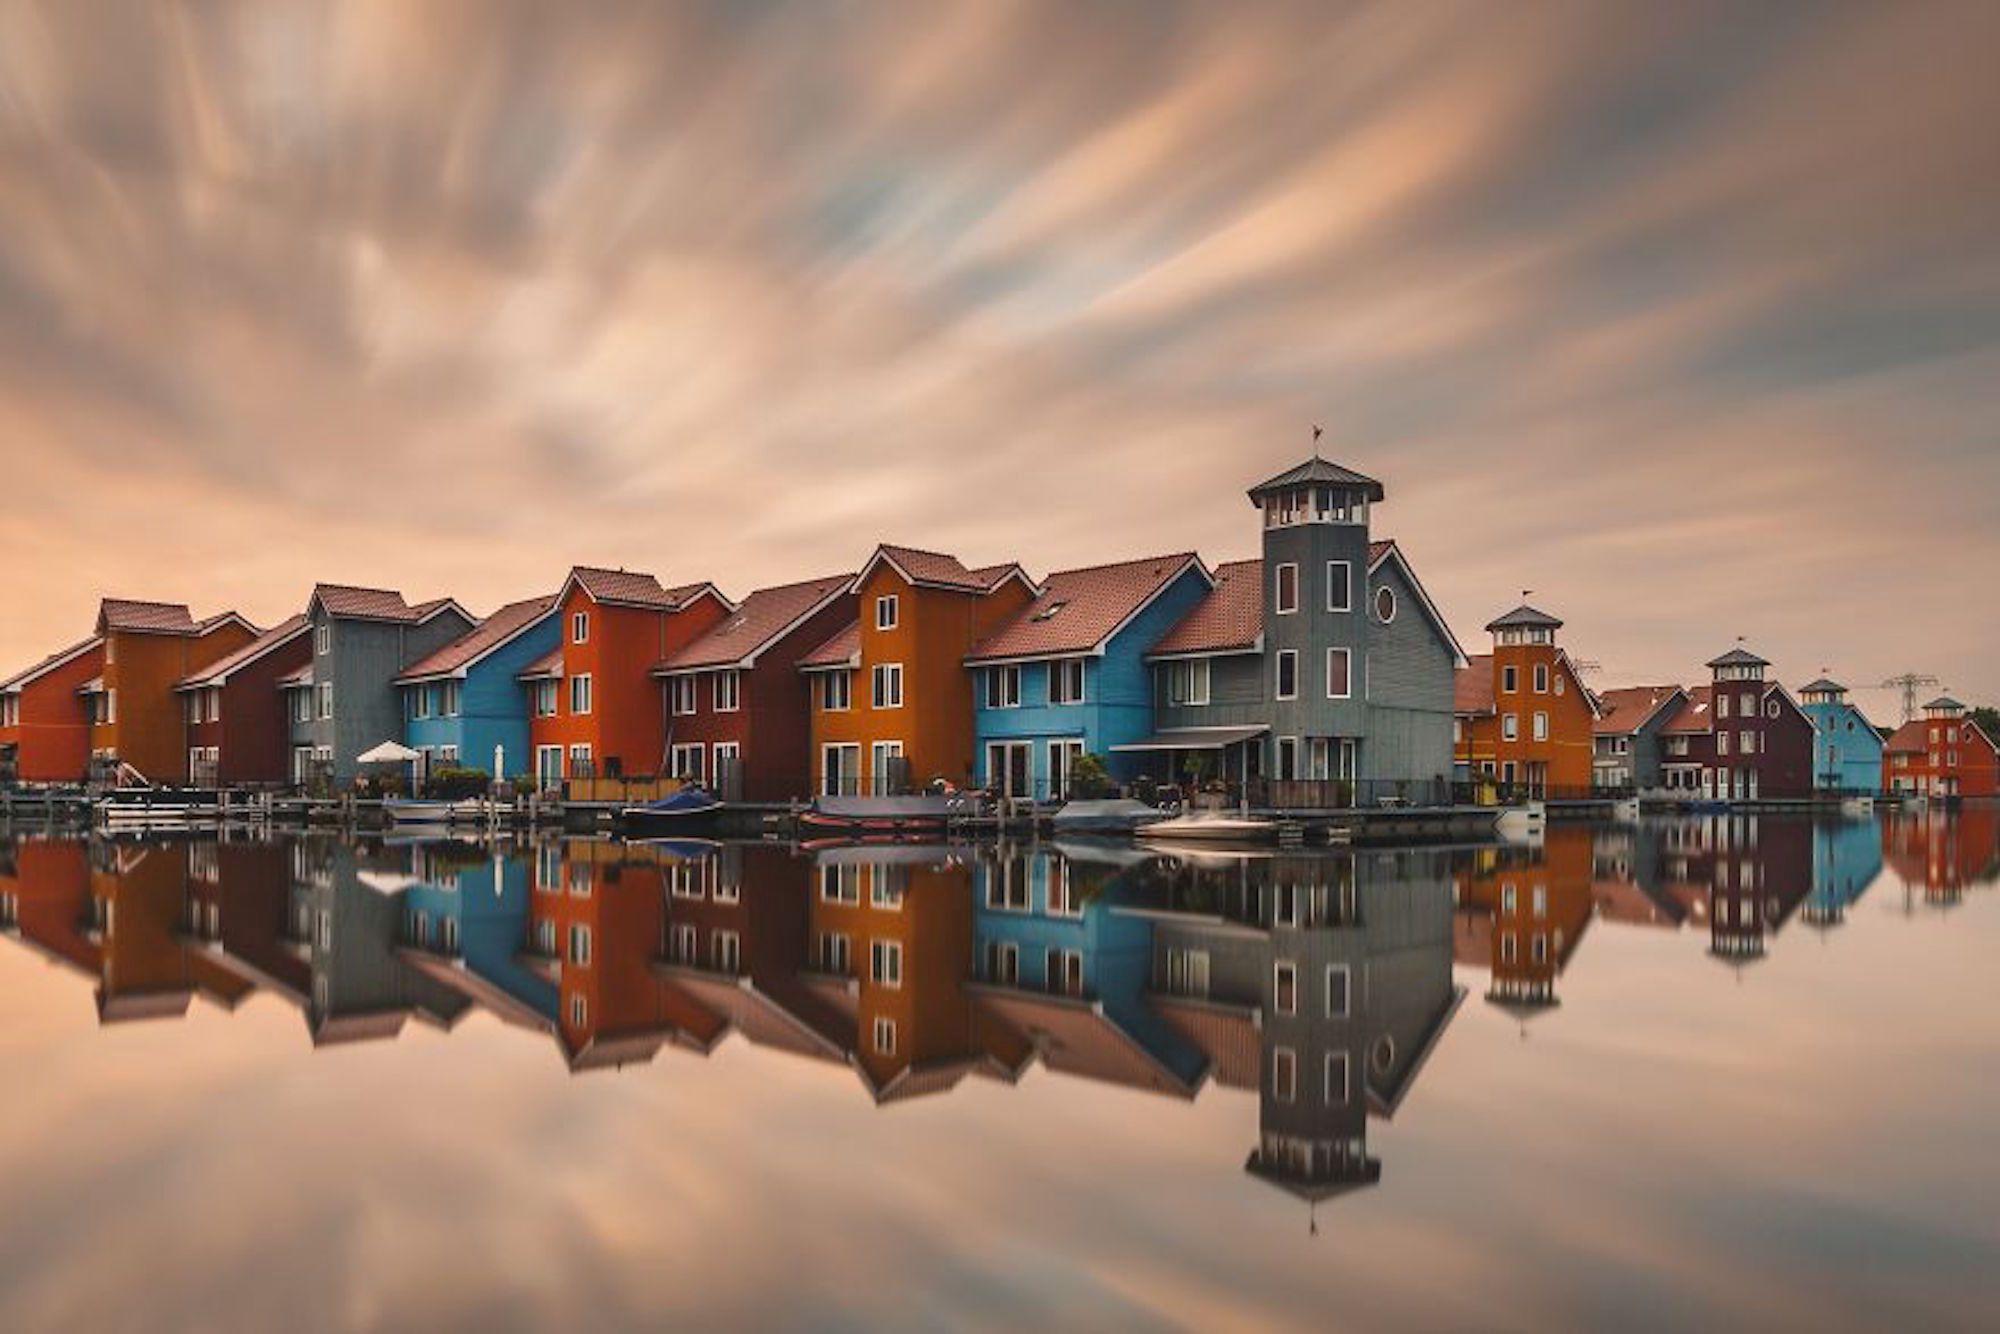 Foto de pôr do sol na cidade de Groningen, Holanda